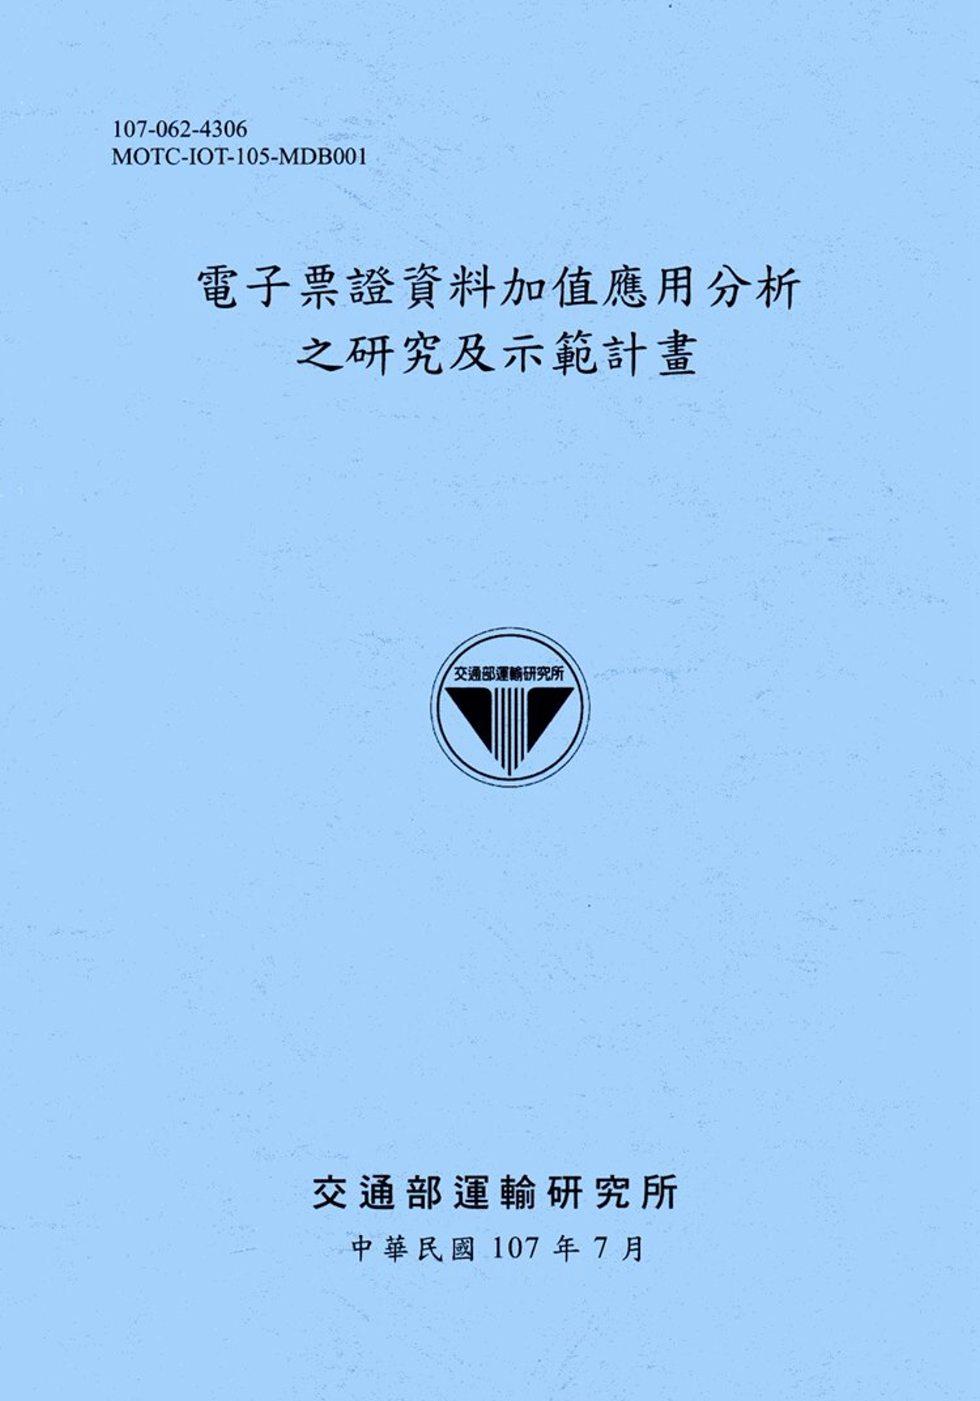 電子票證資料加值應用分析之研究及示範計畫[107藍灰]